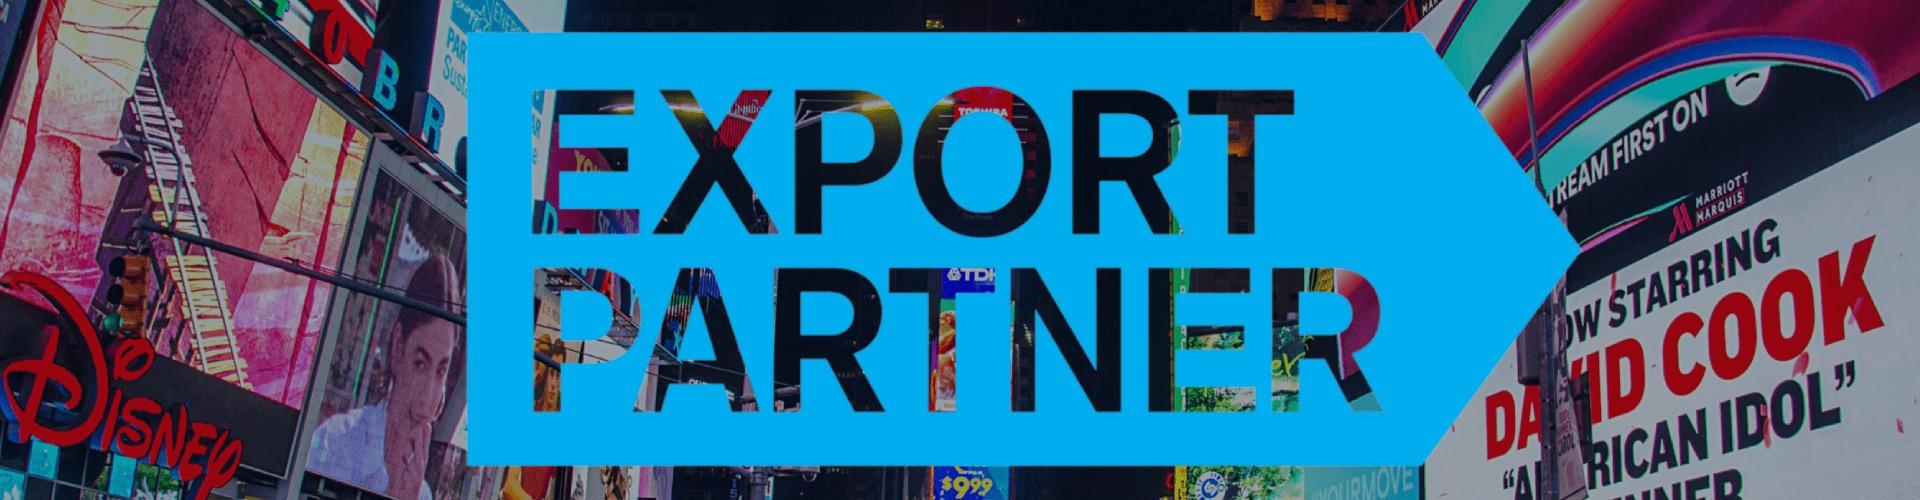 Online marketing- Export Partner